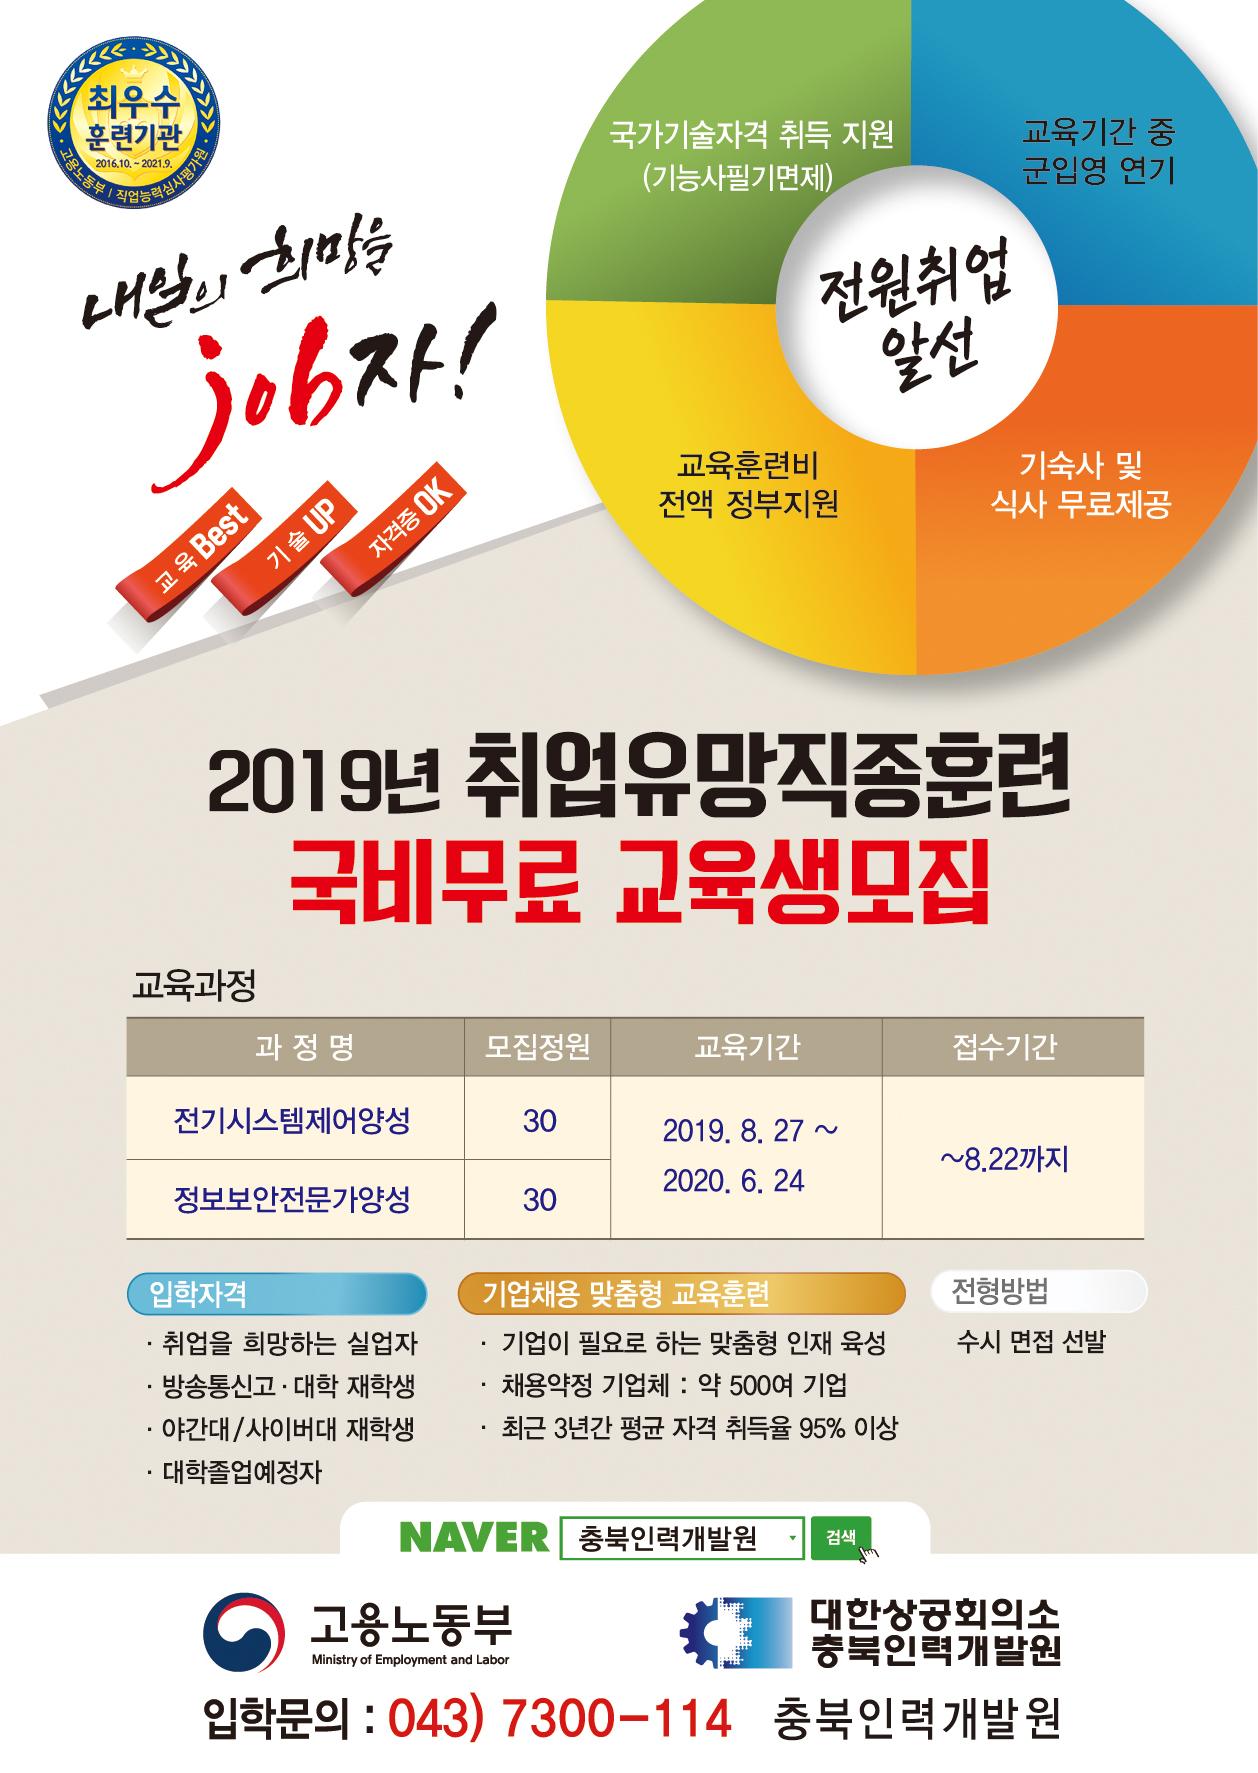 [대한상공회의소 충북인력개발원] 국비지원교육안내 [이미지]